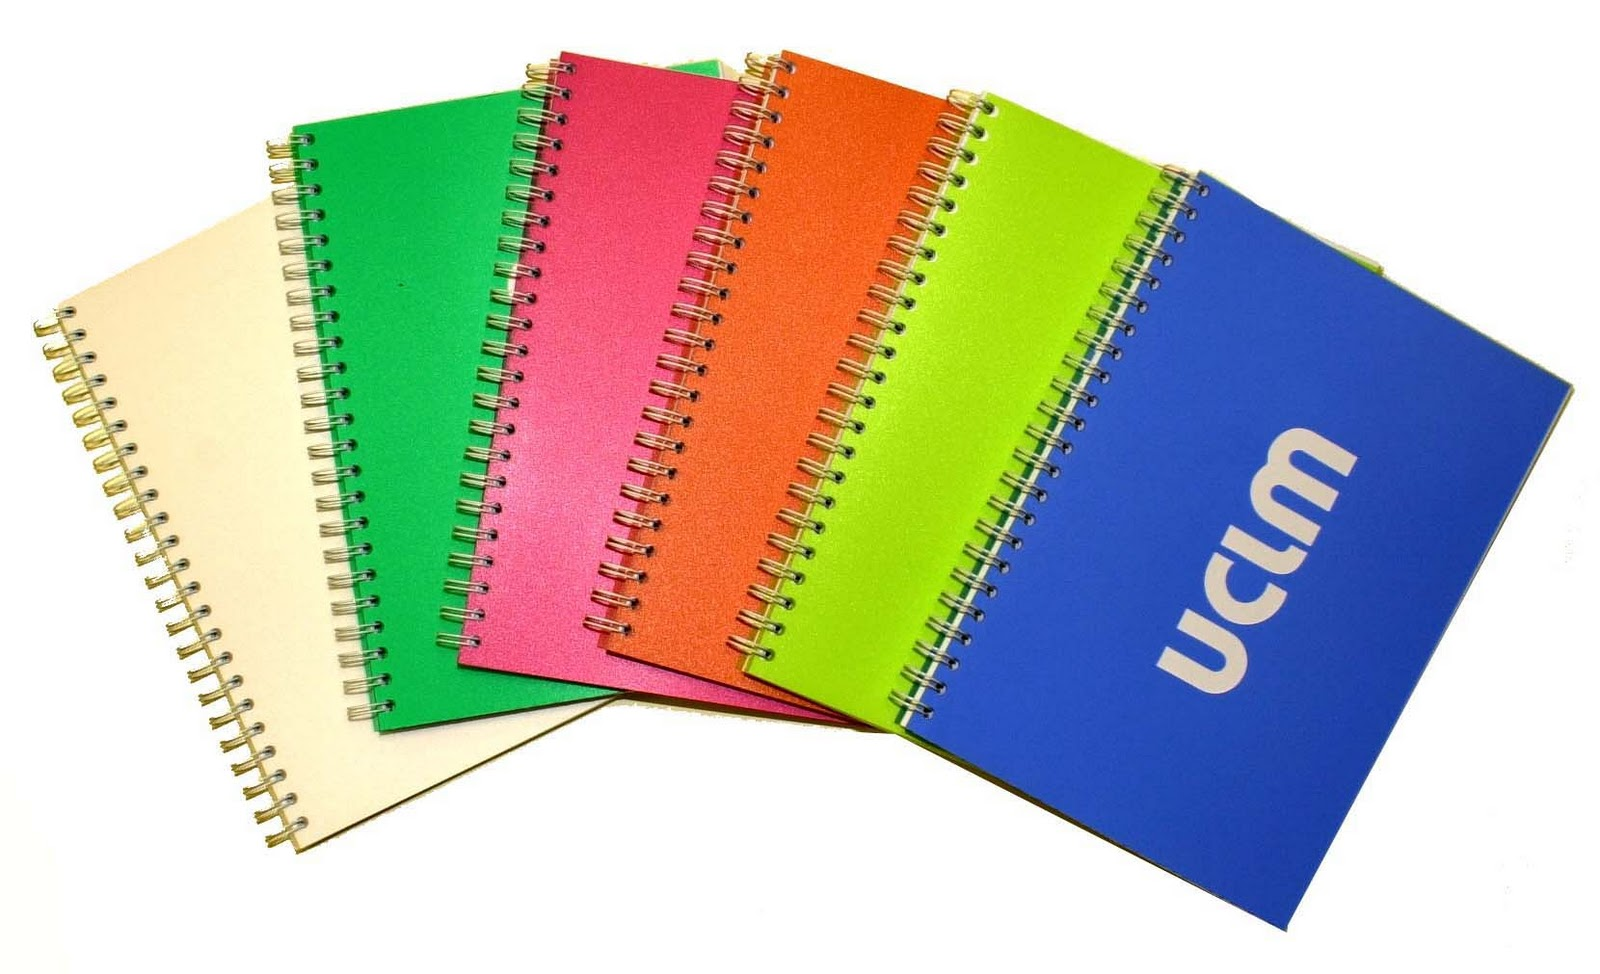 Laquimarmu: Cual es la historia del cuaderno?